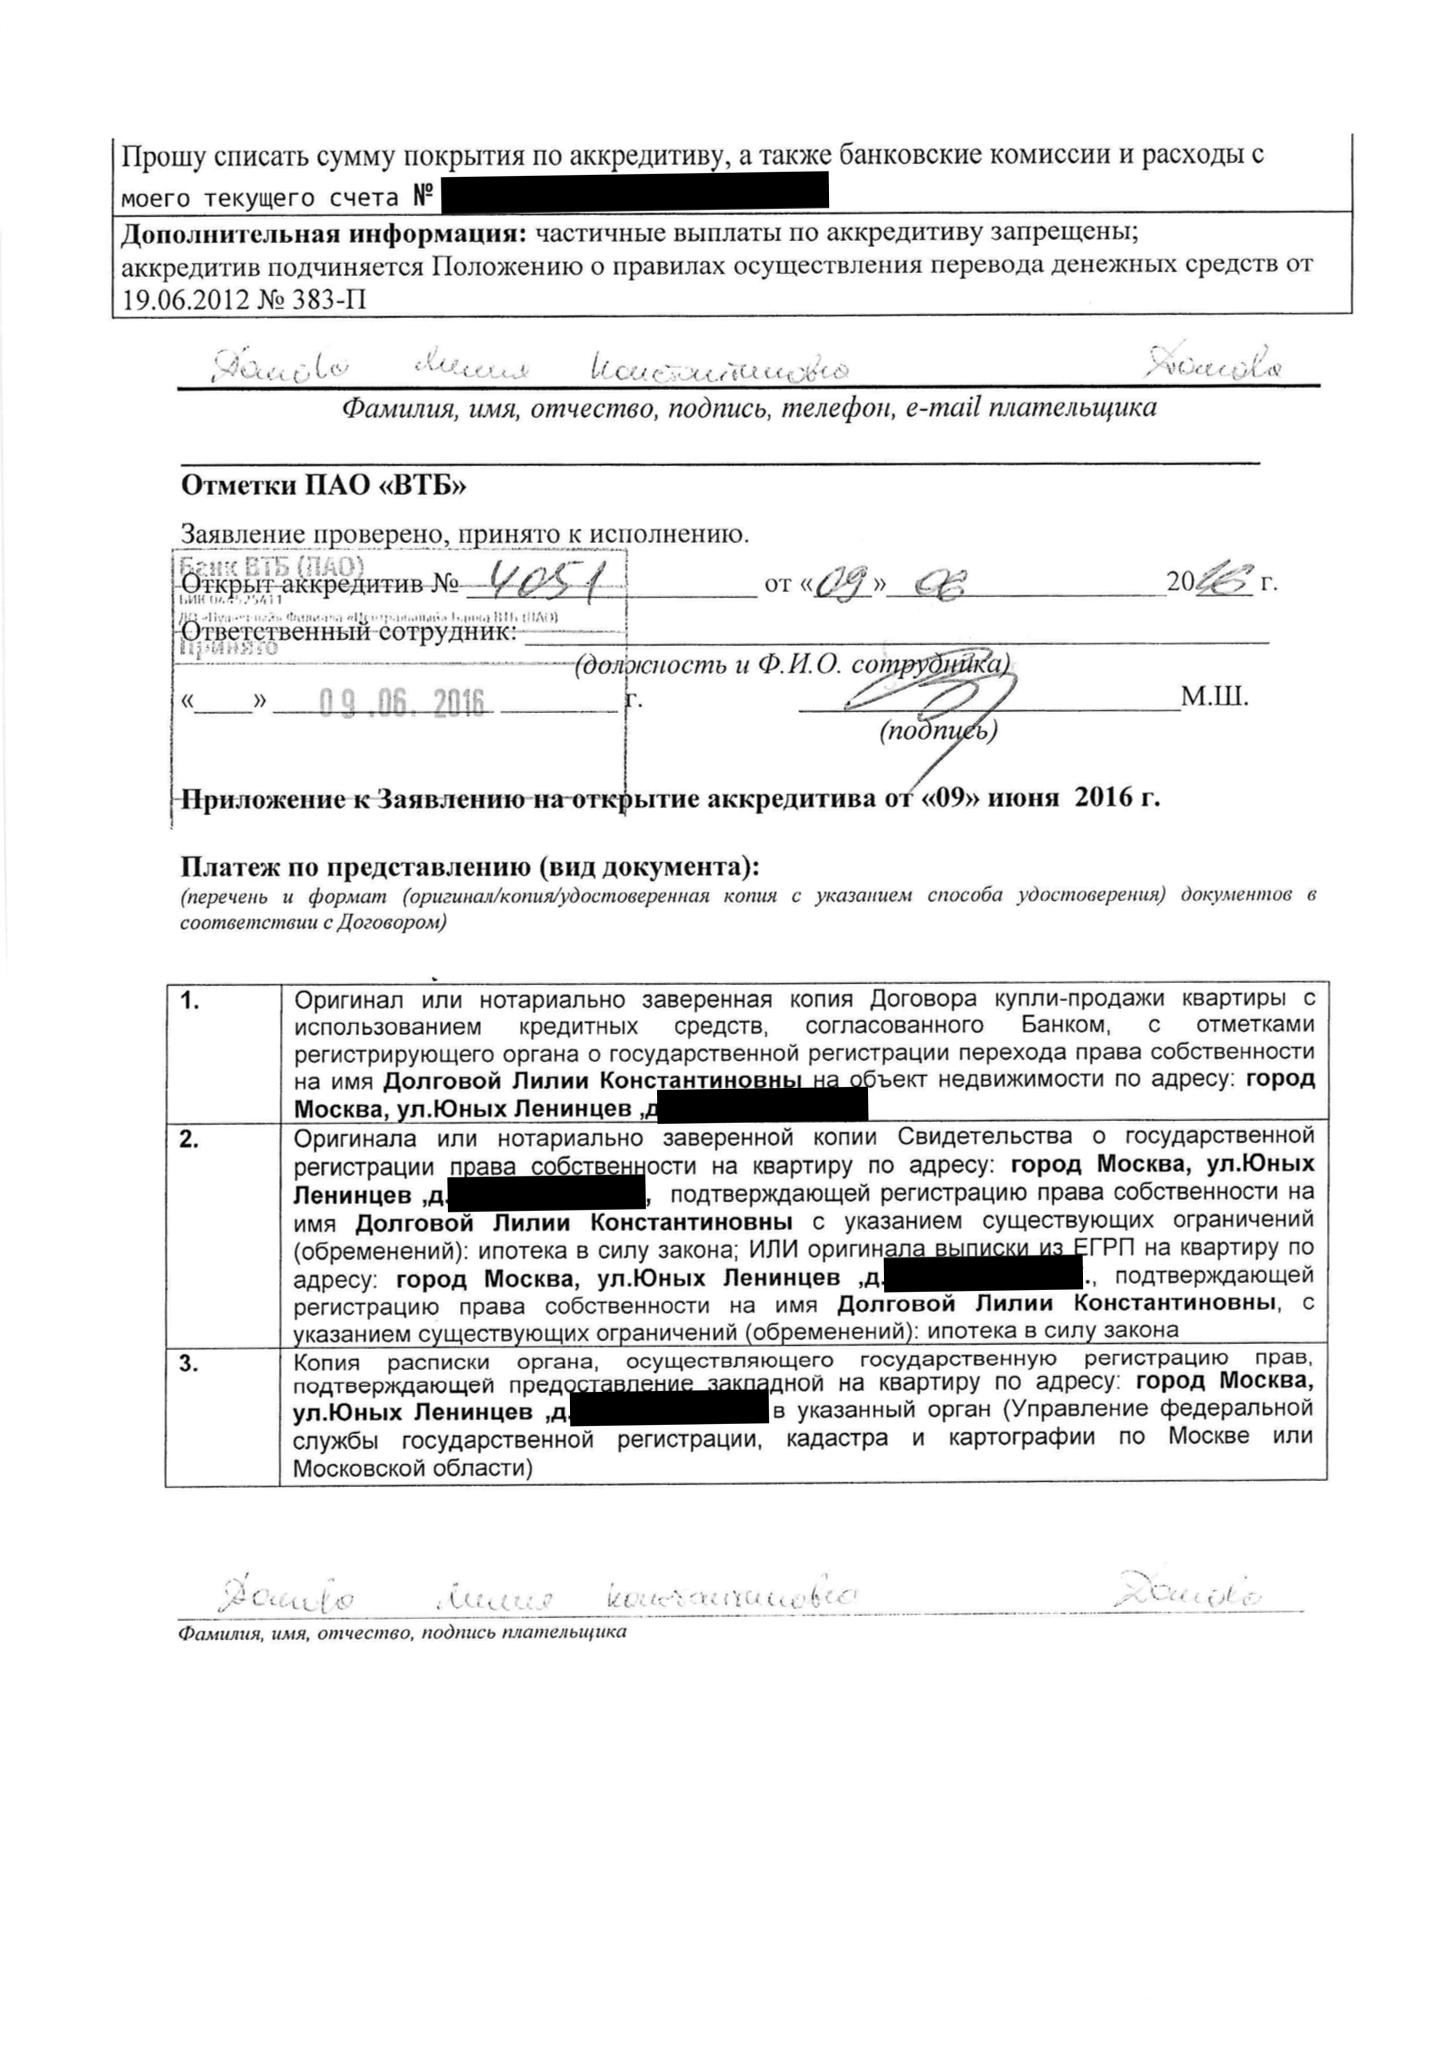 Так выглядит заявление на открытие аккредитива. Оно подтверждает ваши расходы на покупку квартиры. Сохраните заявление, если планируете потом получать налоговый вычет